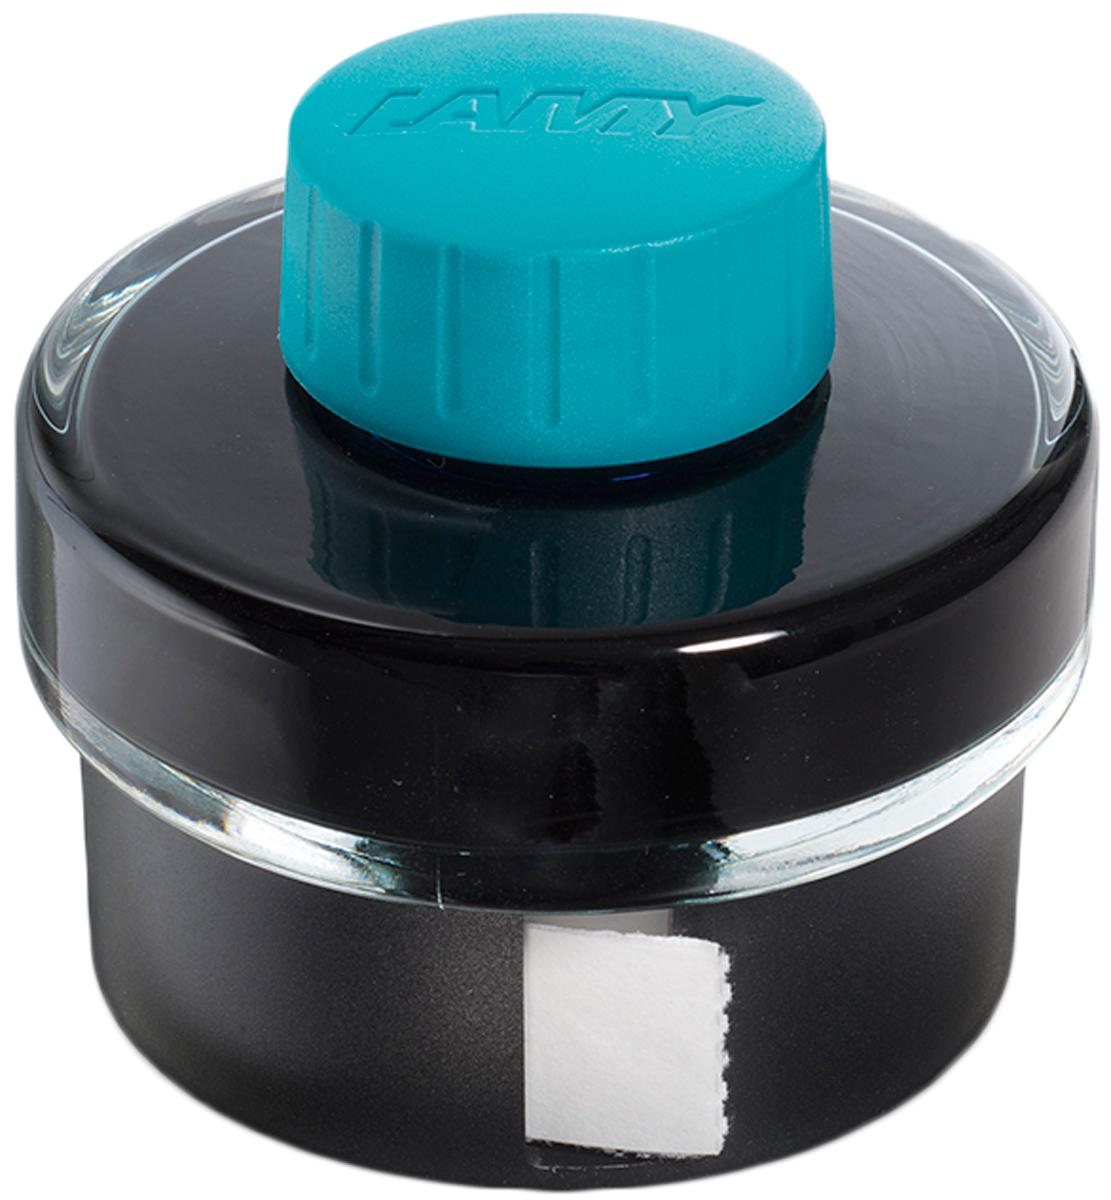 Lamy Чернила для письма T52 цвет бирюзовый 50 мл1608934Чернила для перьевых ручек на водной основе в стеклянном флаконе с пластиковым основанием. В основании находится рулон промокательной бумаги для удаления капель чернил с пишущего узла ручки после заправки. На дне флакона имеется углубление для сбора остатков чернил для удобной заправки и использования до последней капли. Чернила предназначены для заправки перьевых ручек с помощью конвертера а также для поршневых перьевых ручек. Цвет: бирюзовый. История бренда Lamy насчитывает более 80-ти лет, а его философия заключается в слогане Дизайн. Сделано в Германии. Компания получила более 100 самых престижных дизайнерских наград. Все пишущие инструменты Lamy производятся на фабрике в Гейдельберге (Германия).